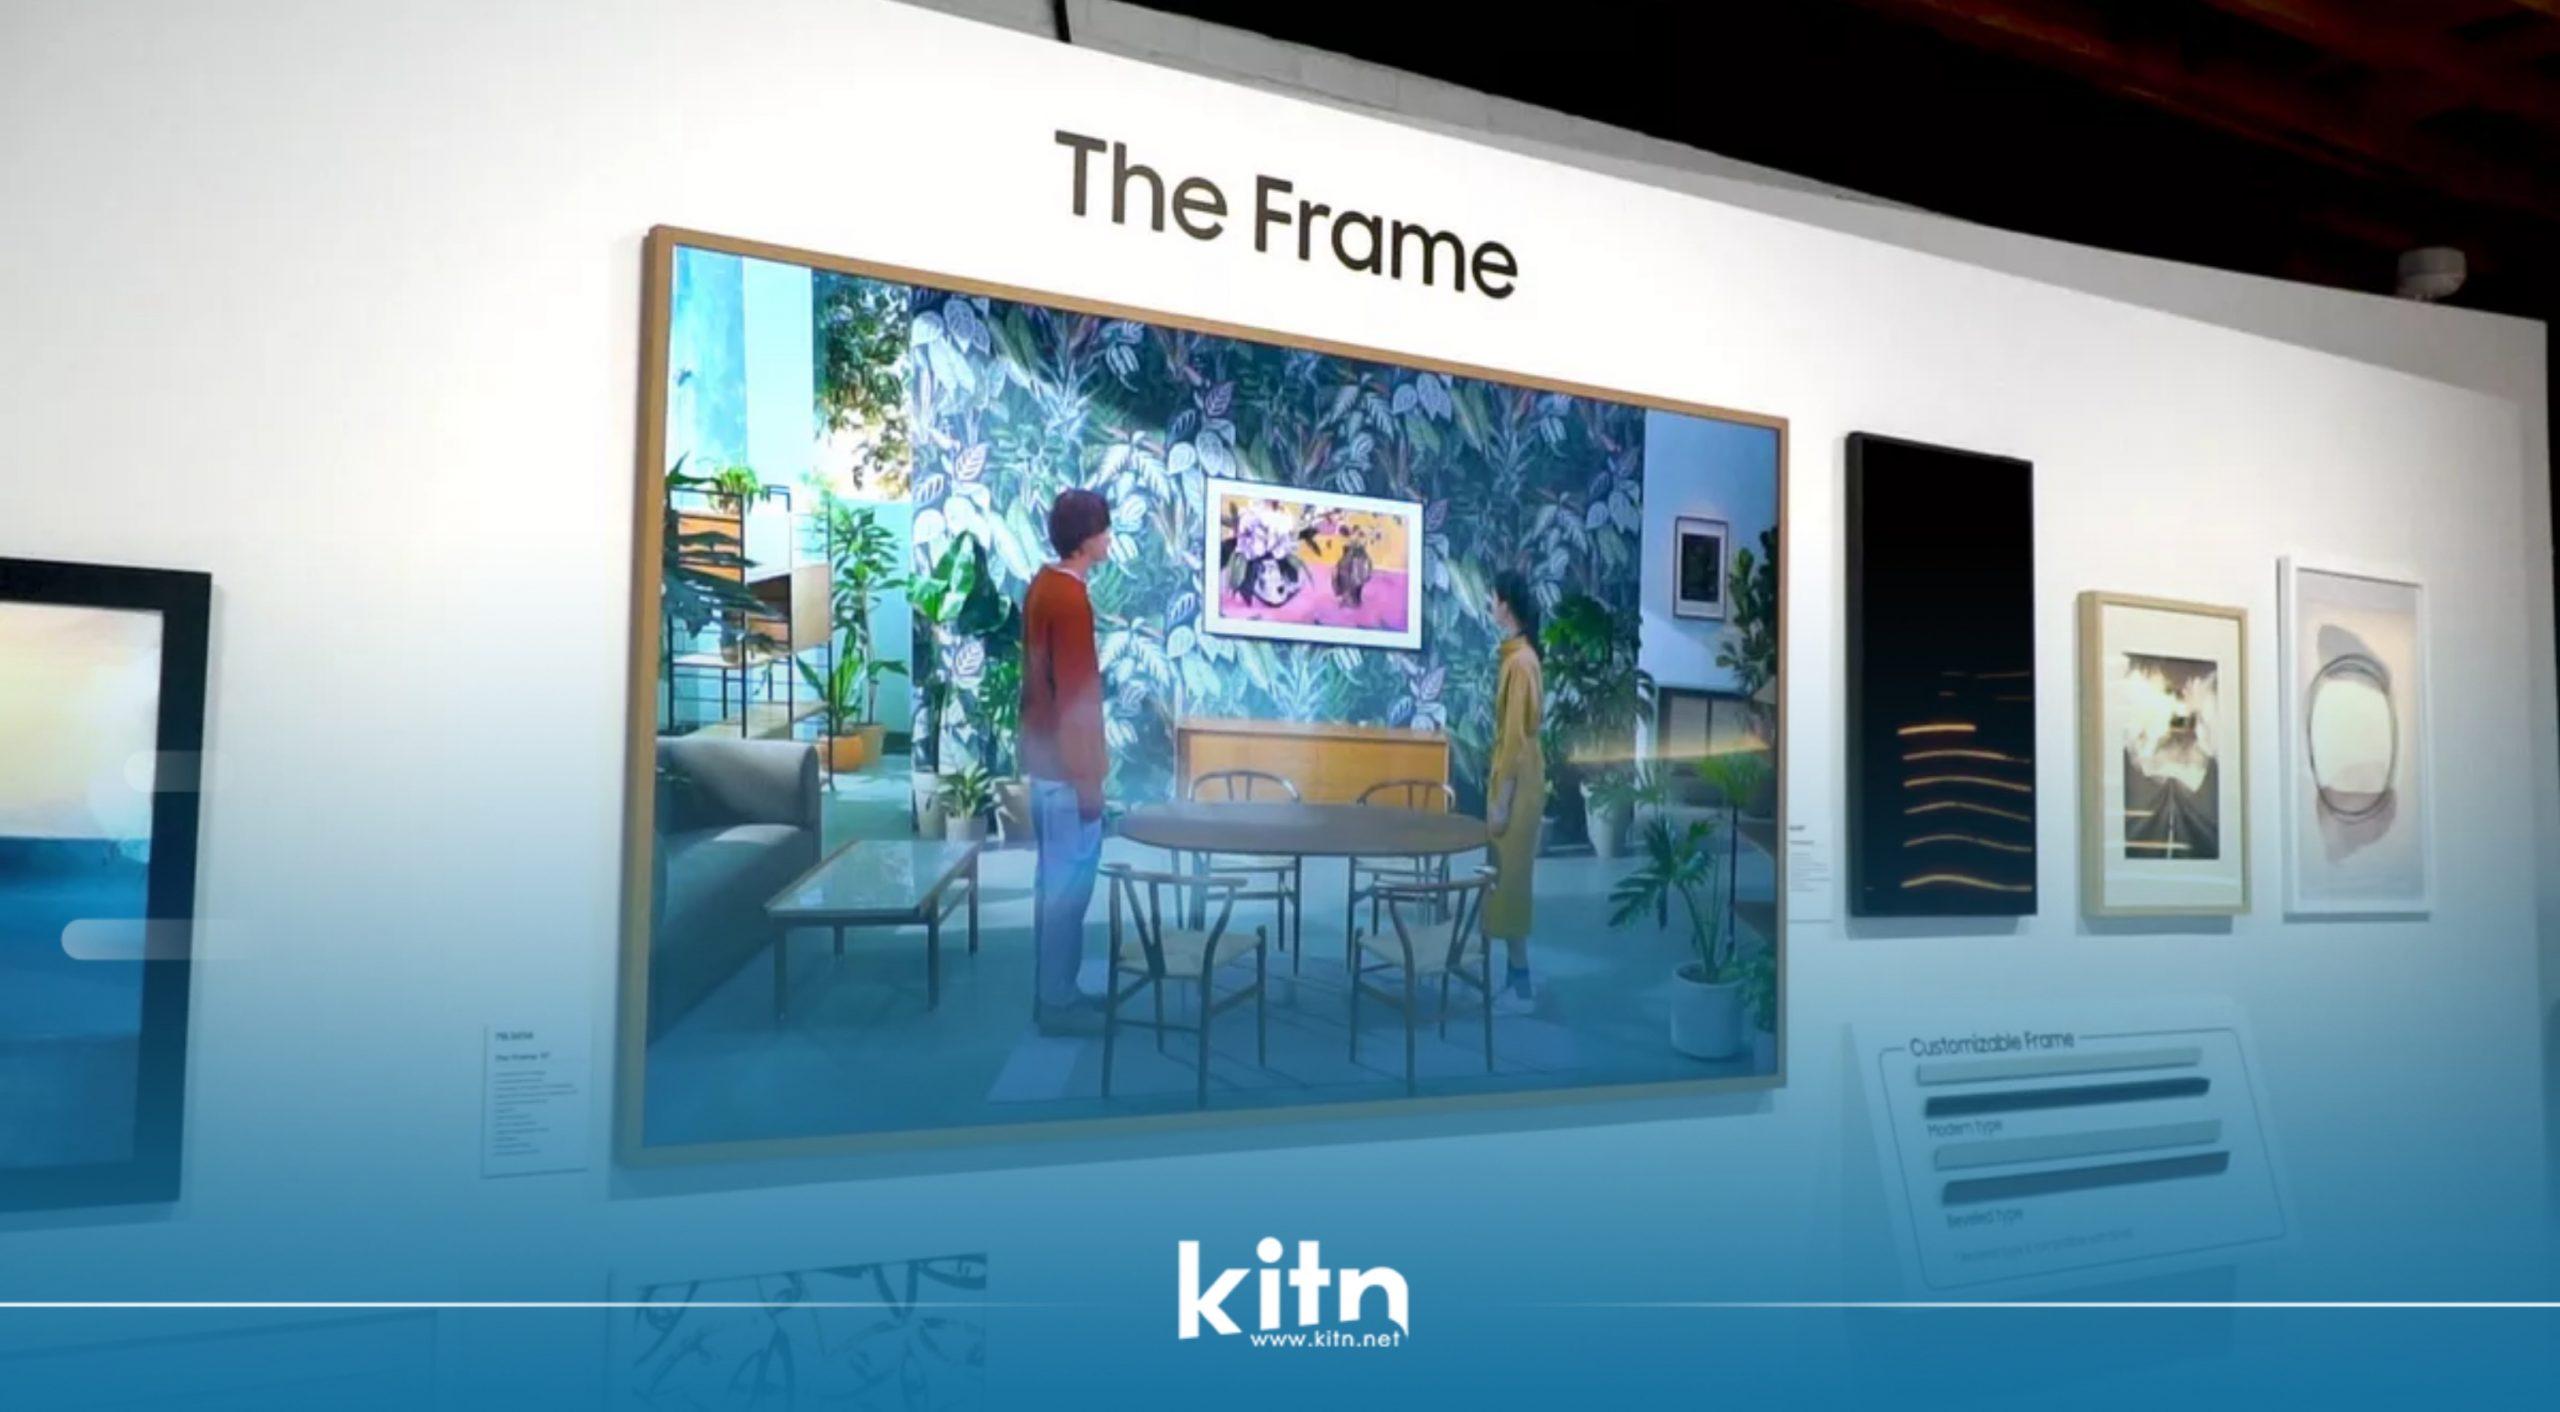 نرخی زنجیرە تەلەڤزیۆنی Samsung Frame بۆ ساڵی 2021 لە 1,000 دۆلارەوە دەست پێ دەکات